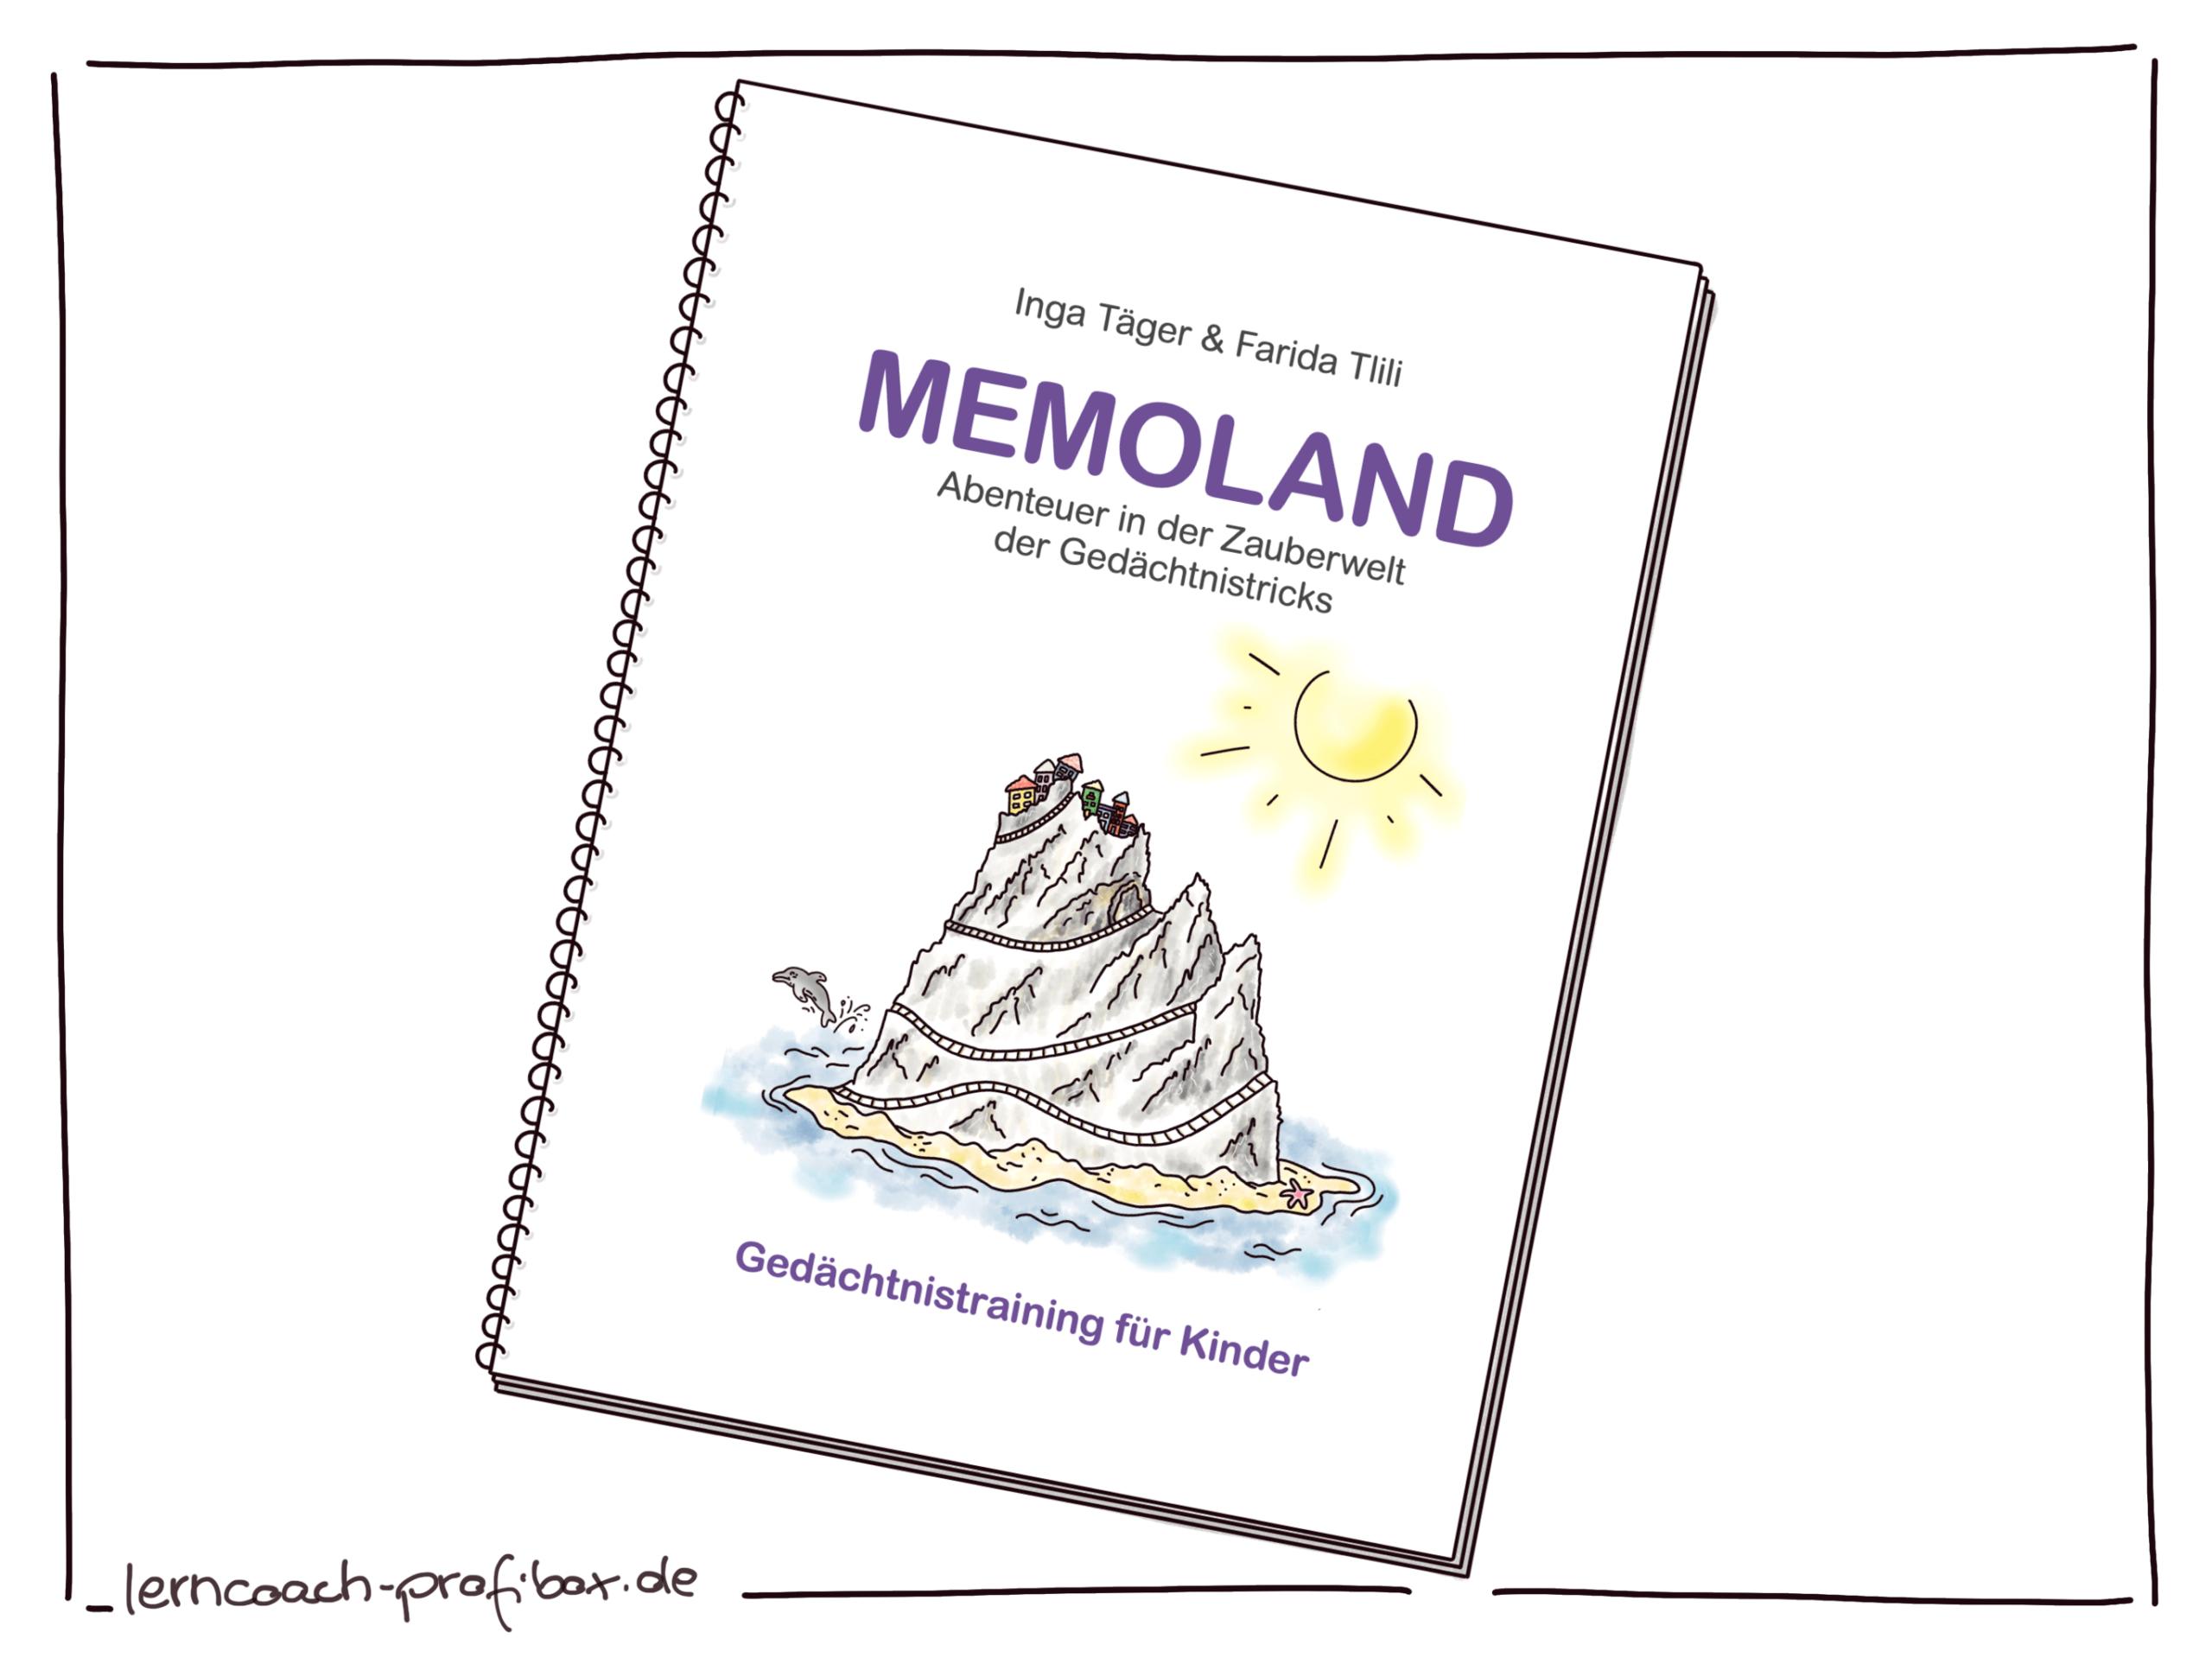 MEMOLAND - Gedächtnistraining für Kinder - Webinar